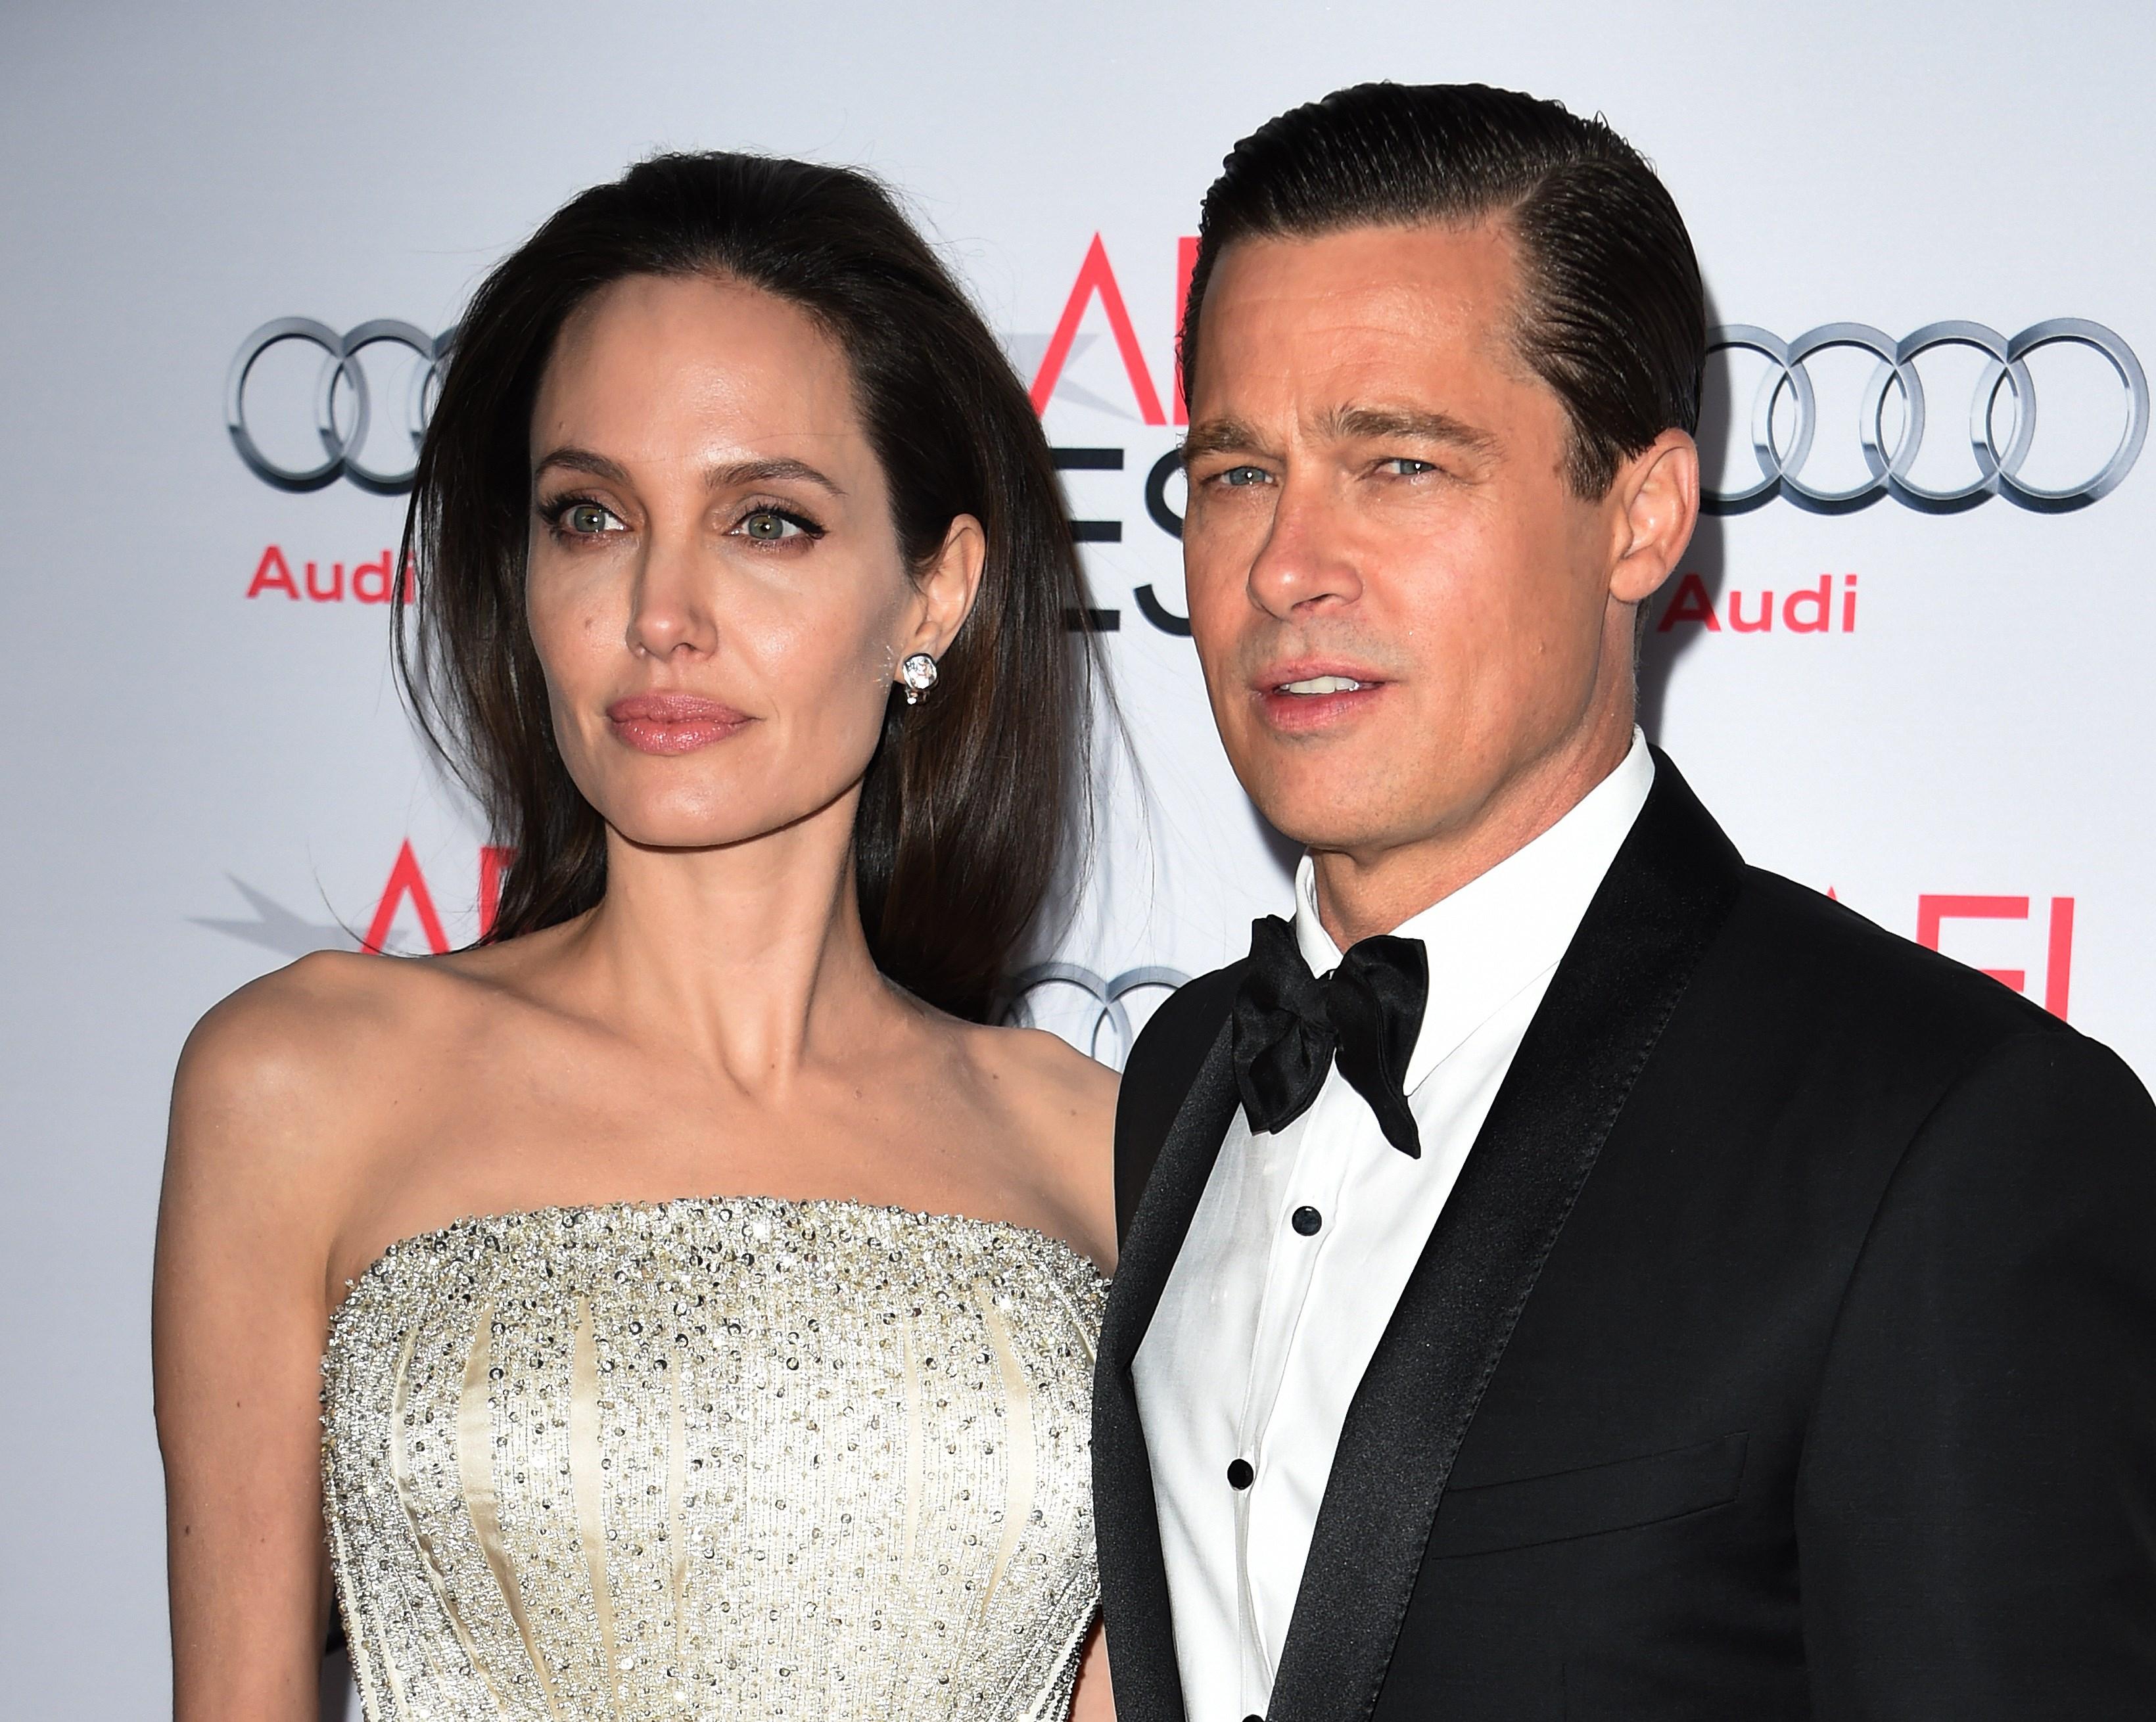 Dit is er besloten in de voogdijzaak van Angelina Jolie en Brad Pitt